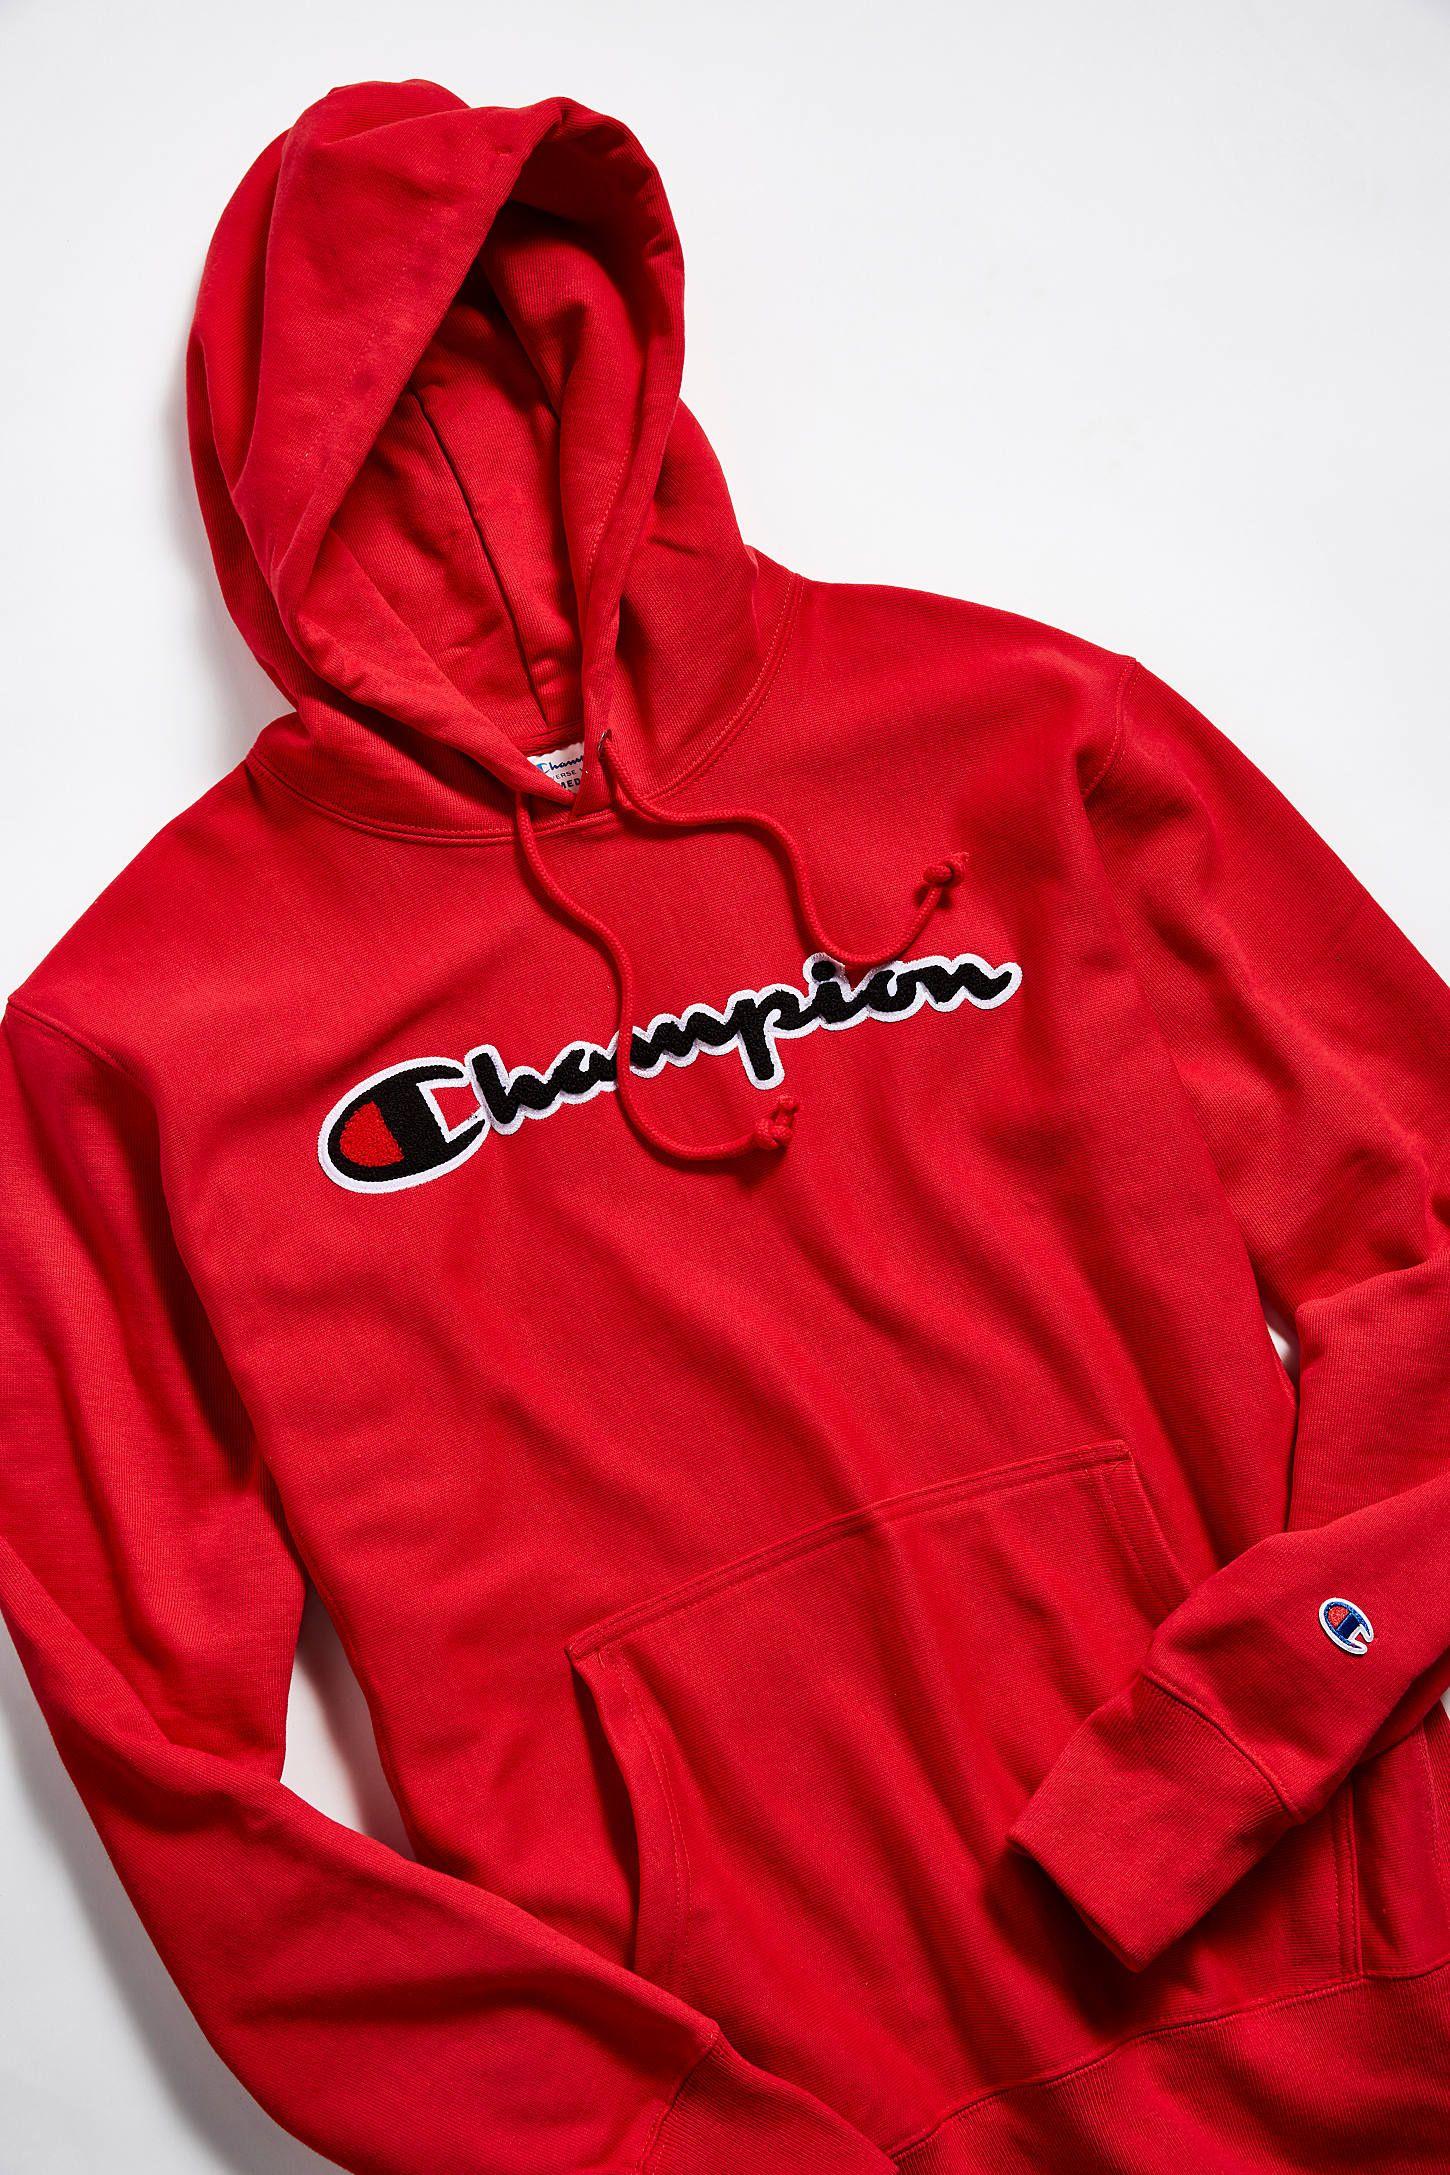 MENS RED CHAMPION PLUS SIZE ZIP UP HOODIE HOODY JUMPER SWEATER SWEATSHIRT